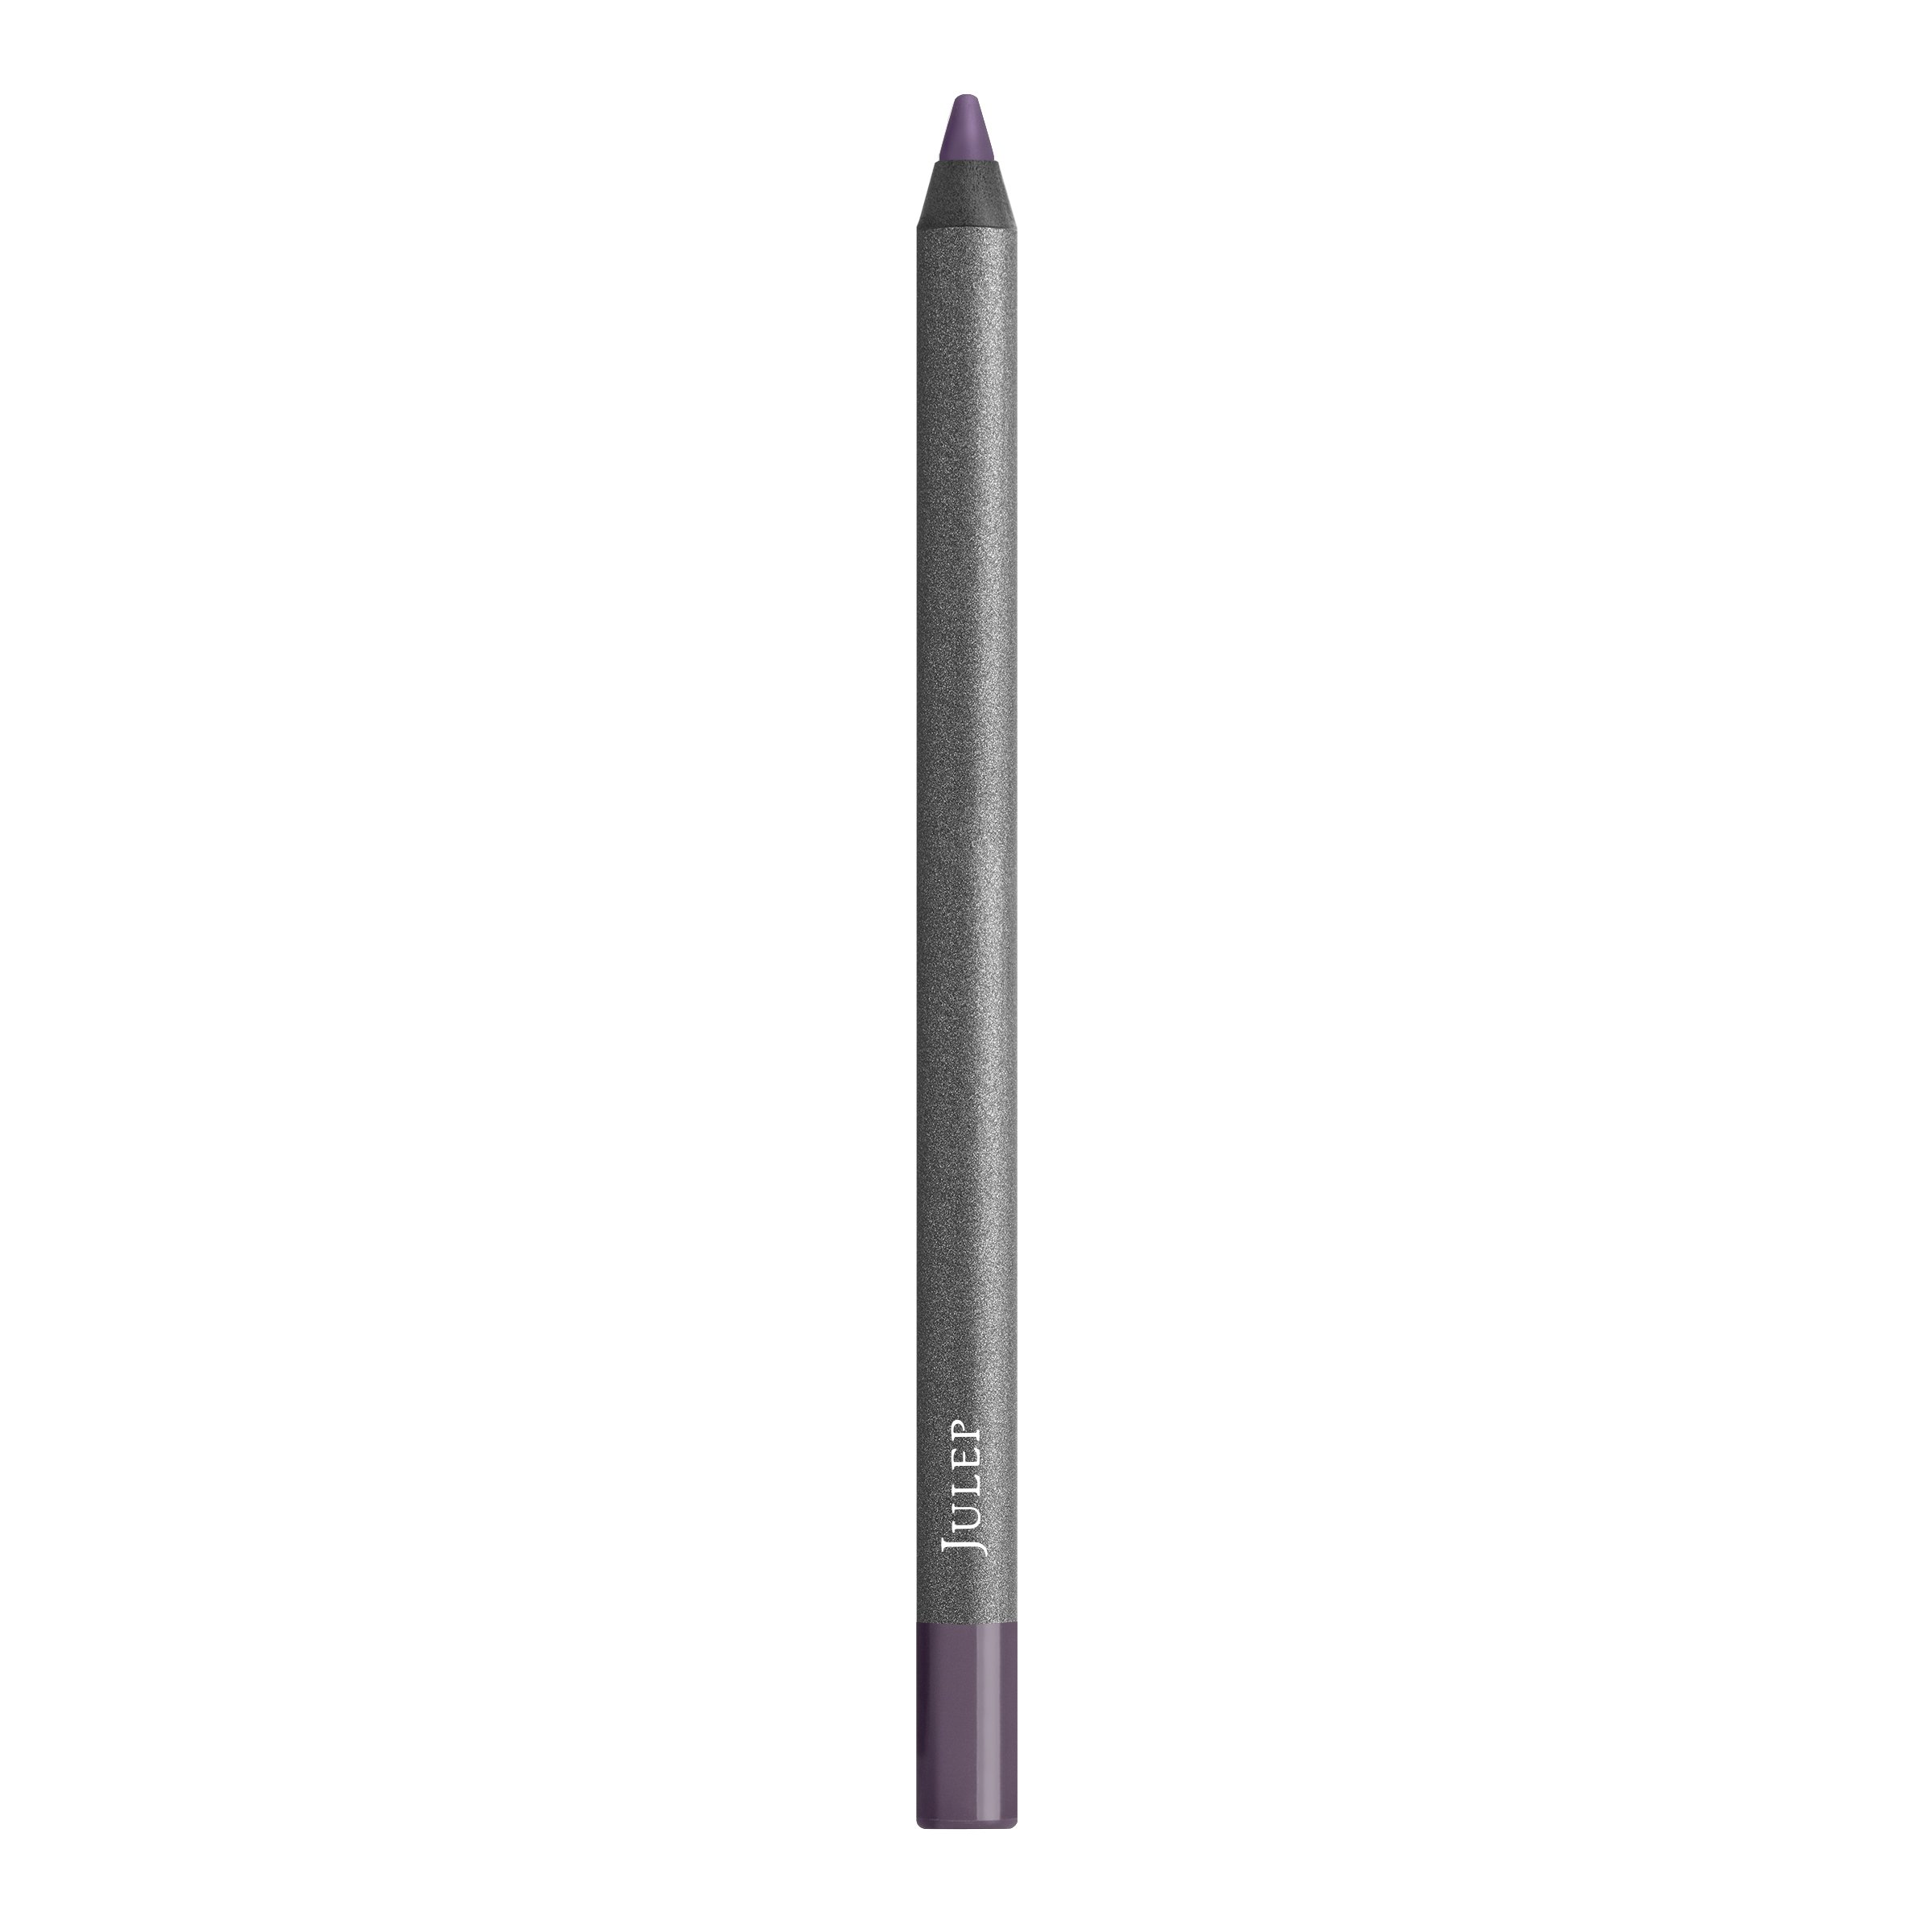 Julep When Pencil Met Gel Long-Lasting Waterproof Gel Eyeliner, Smoky Plum